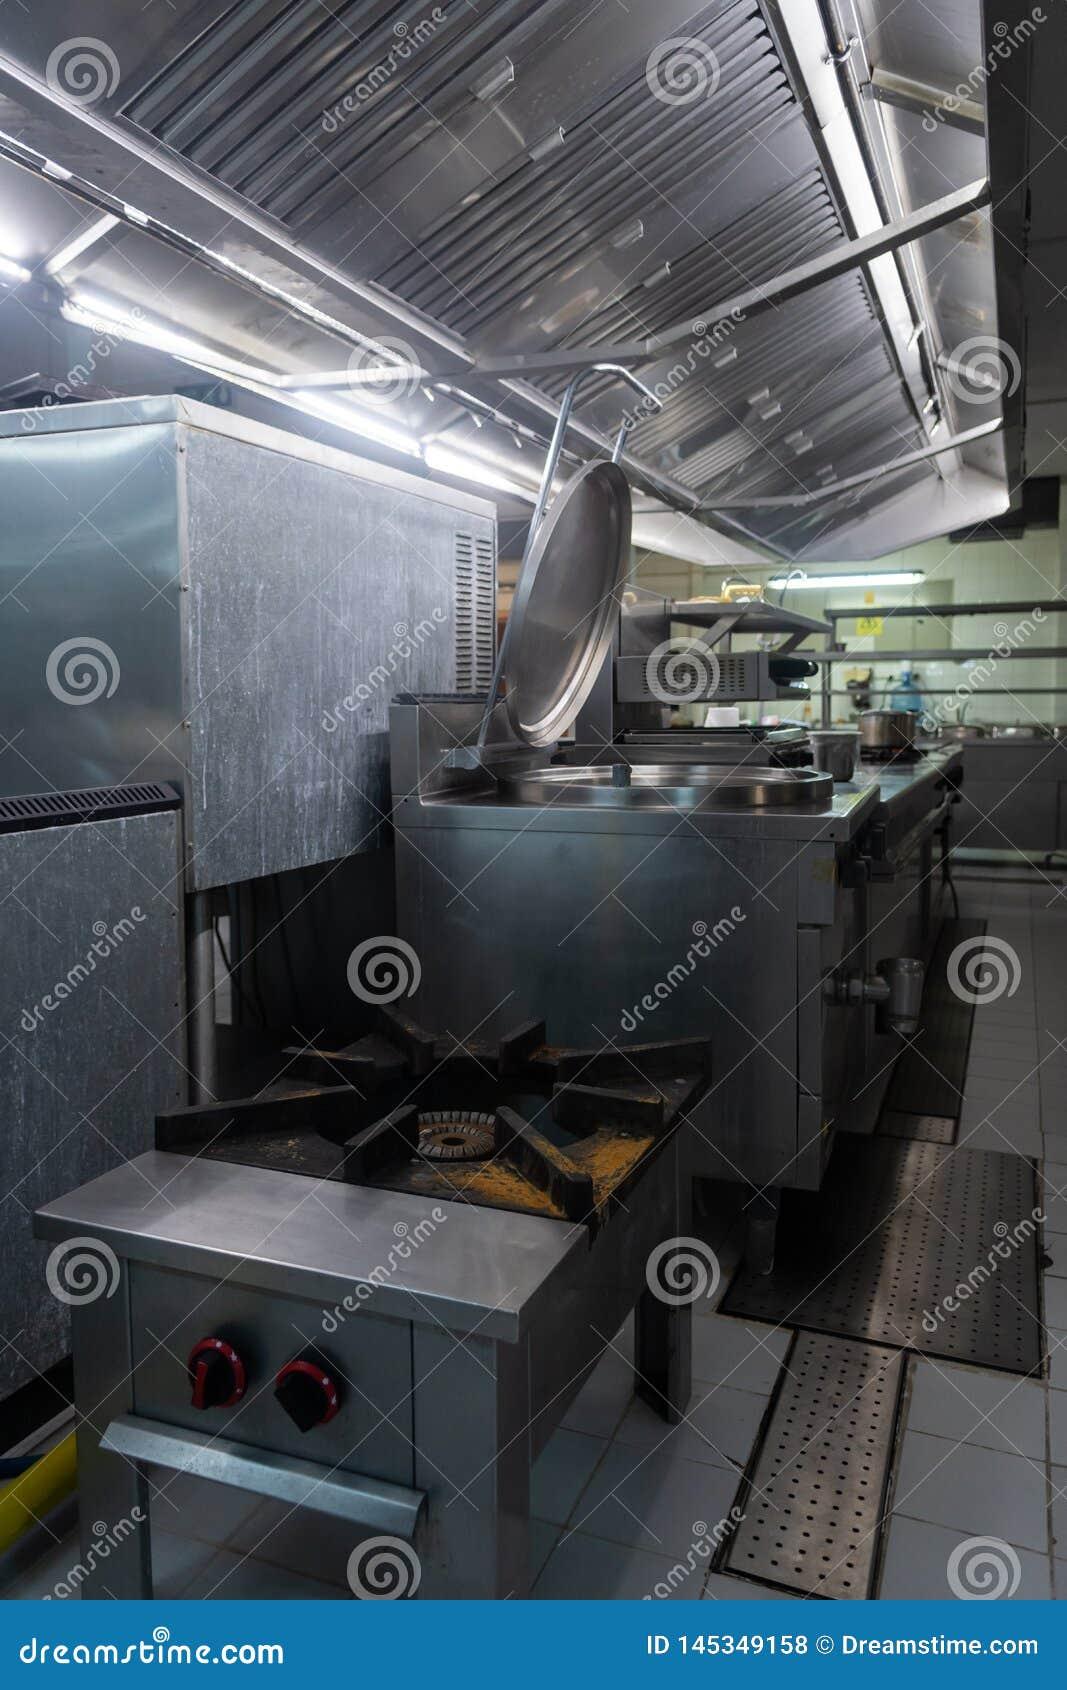 Una cocina del restaurante muy limpia